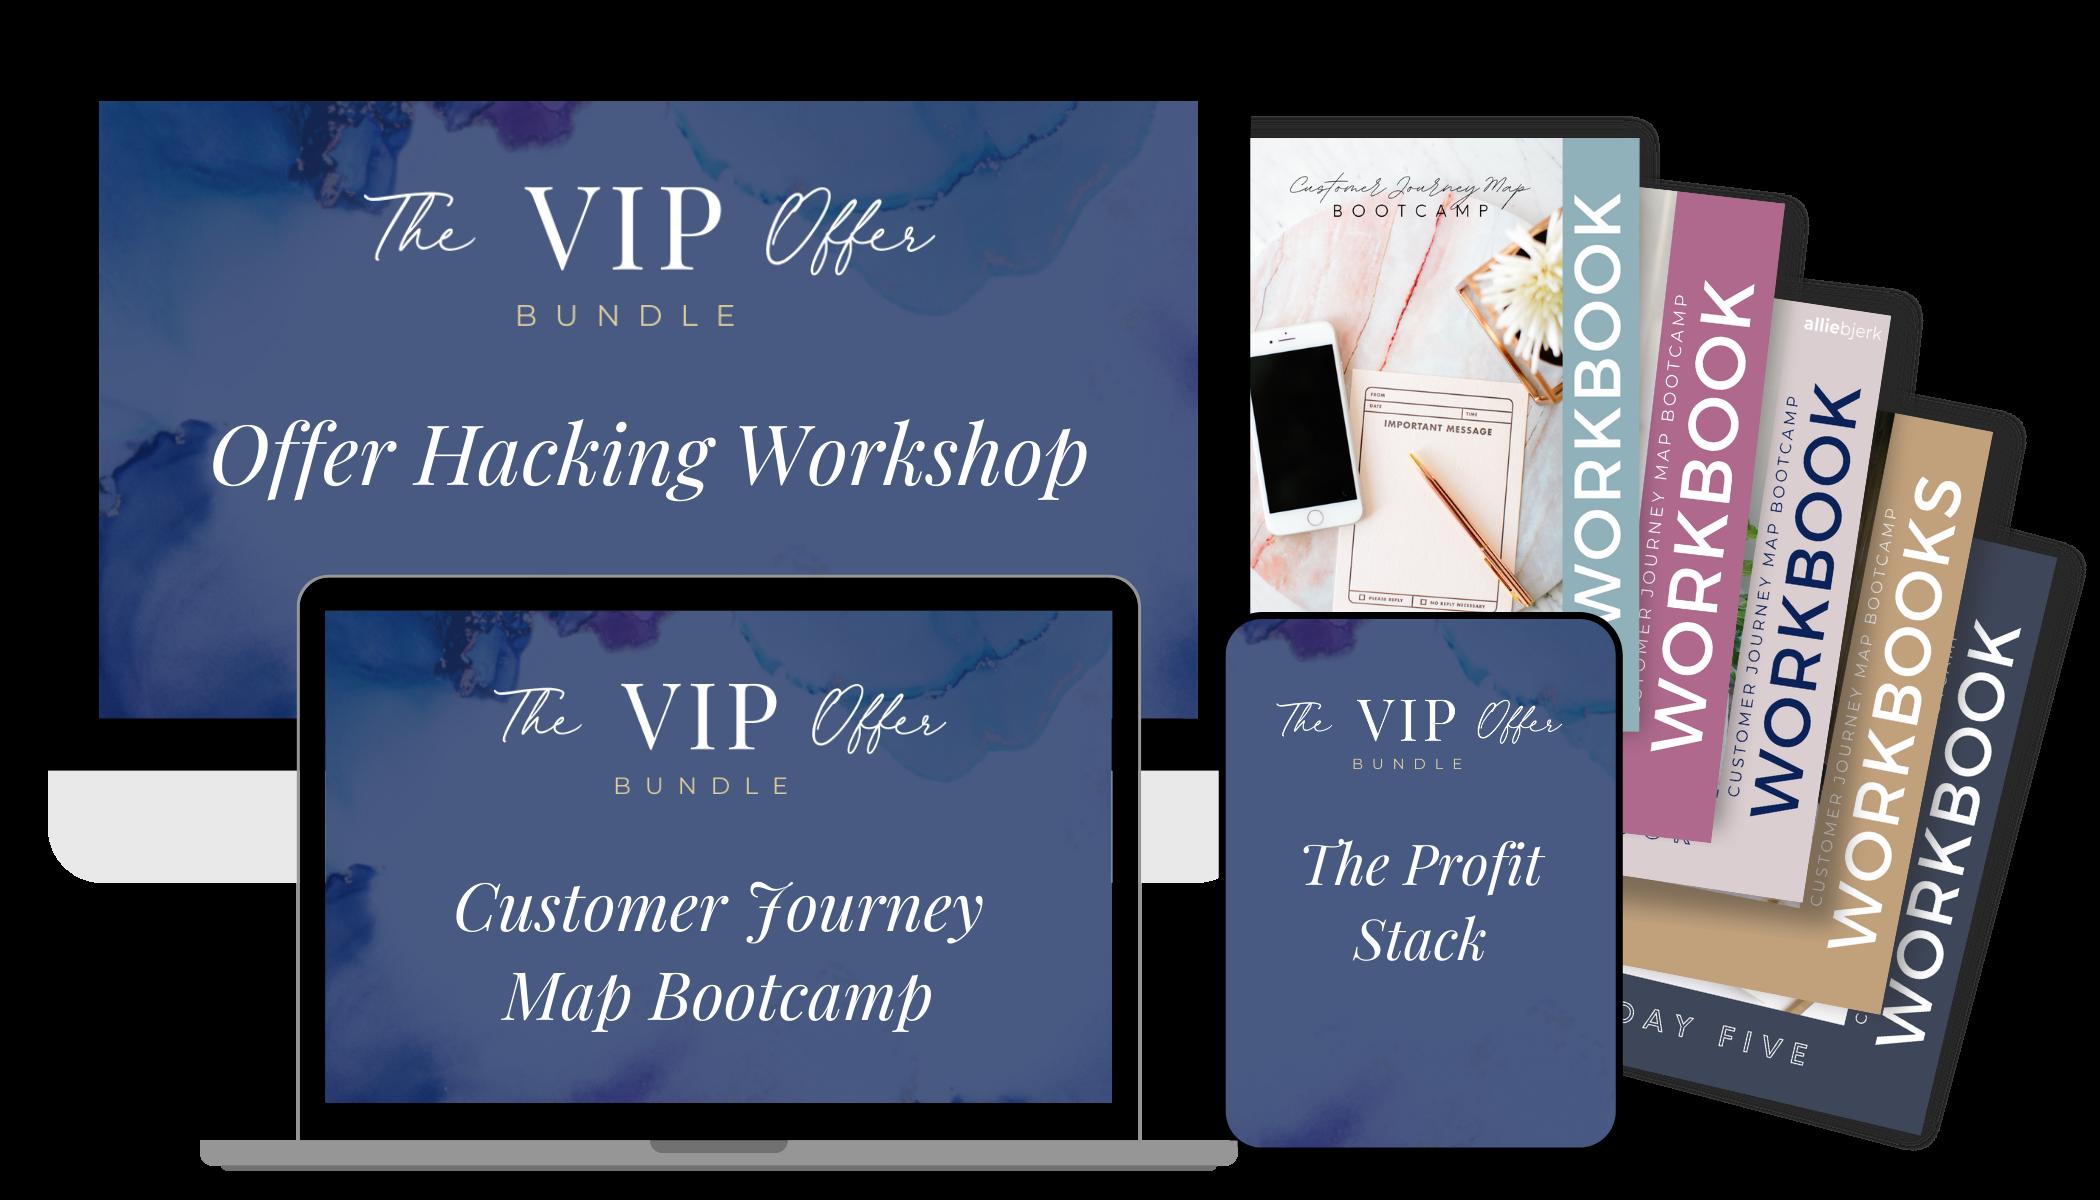 The VIP Offer Bundle Mockup